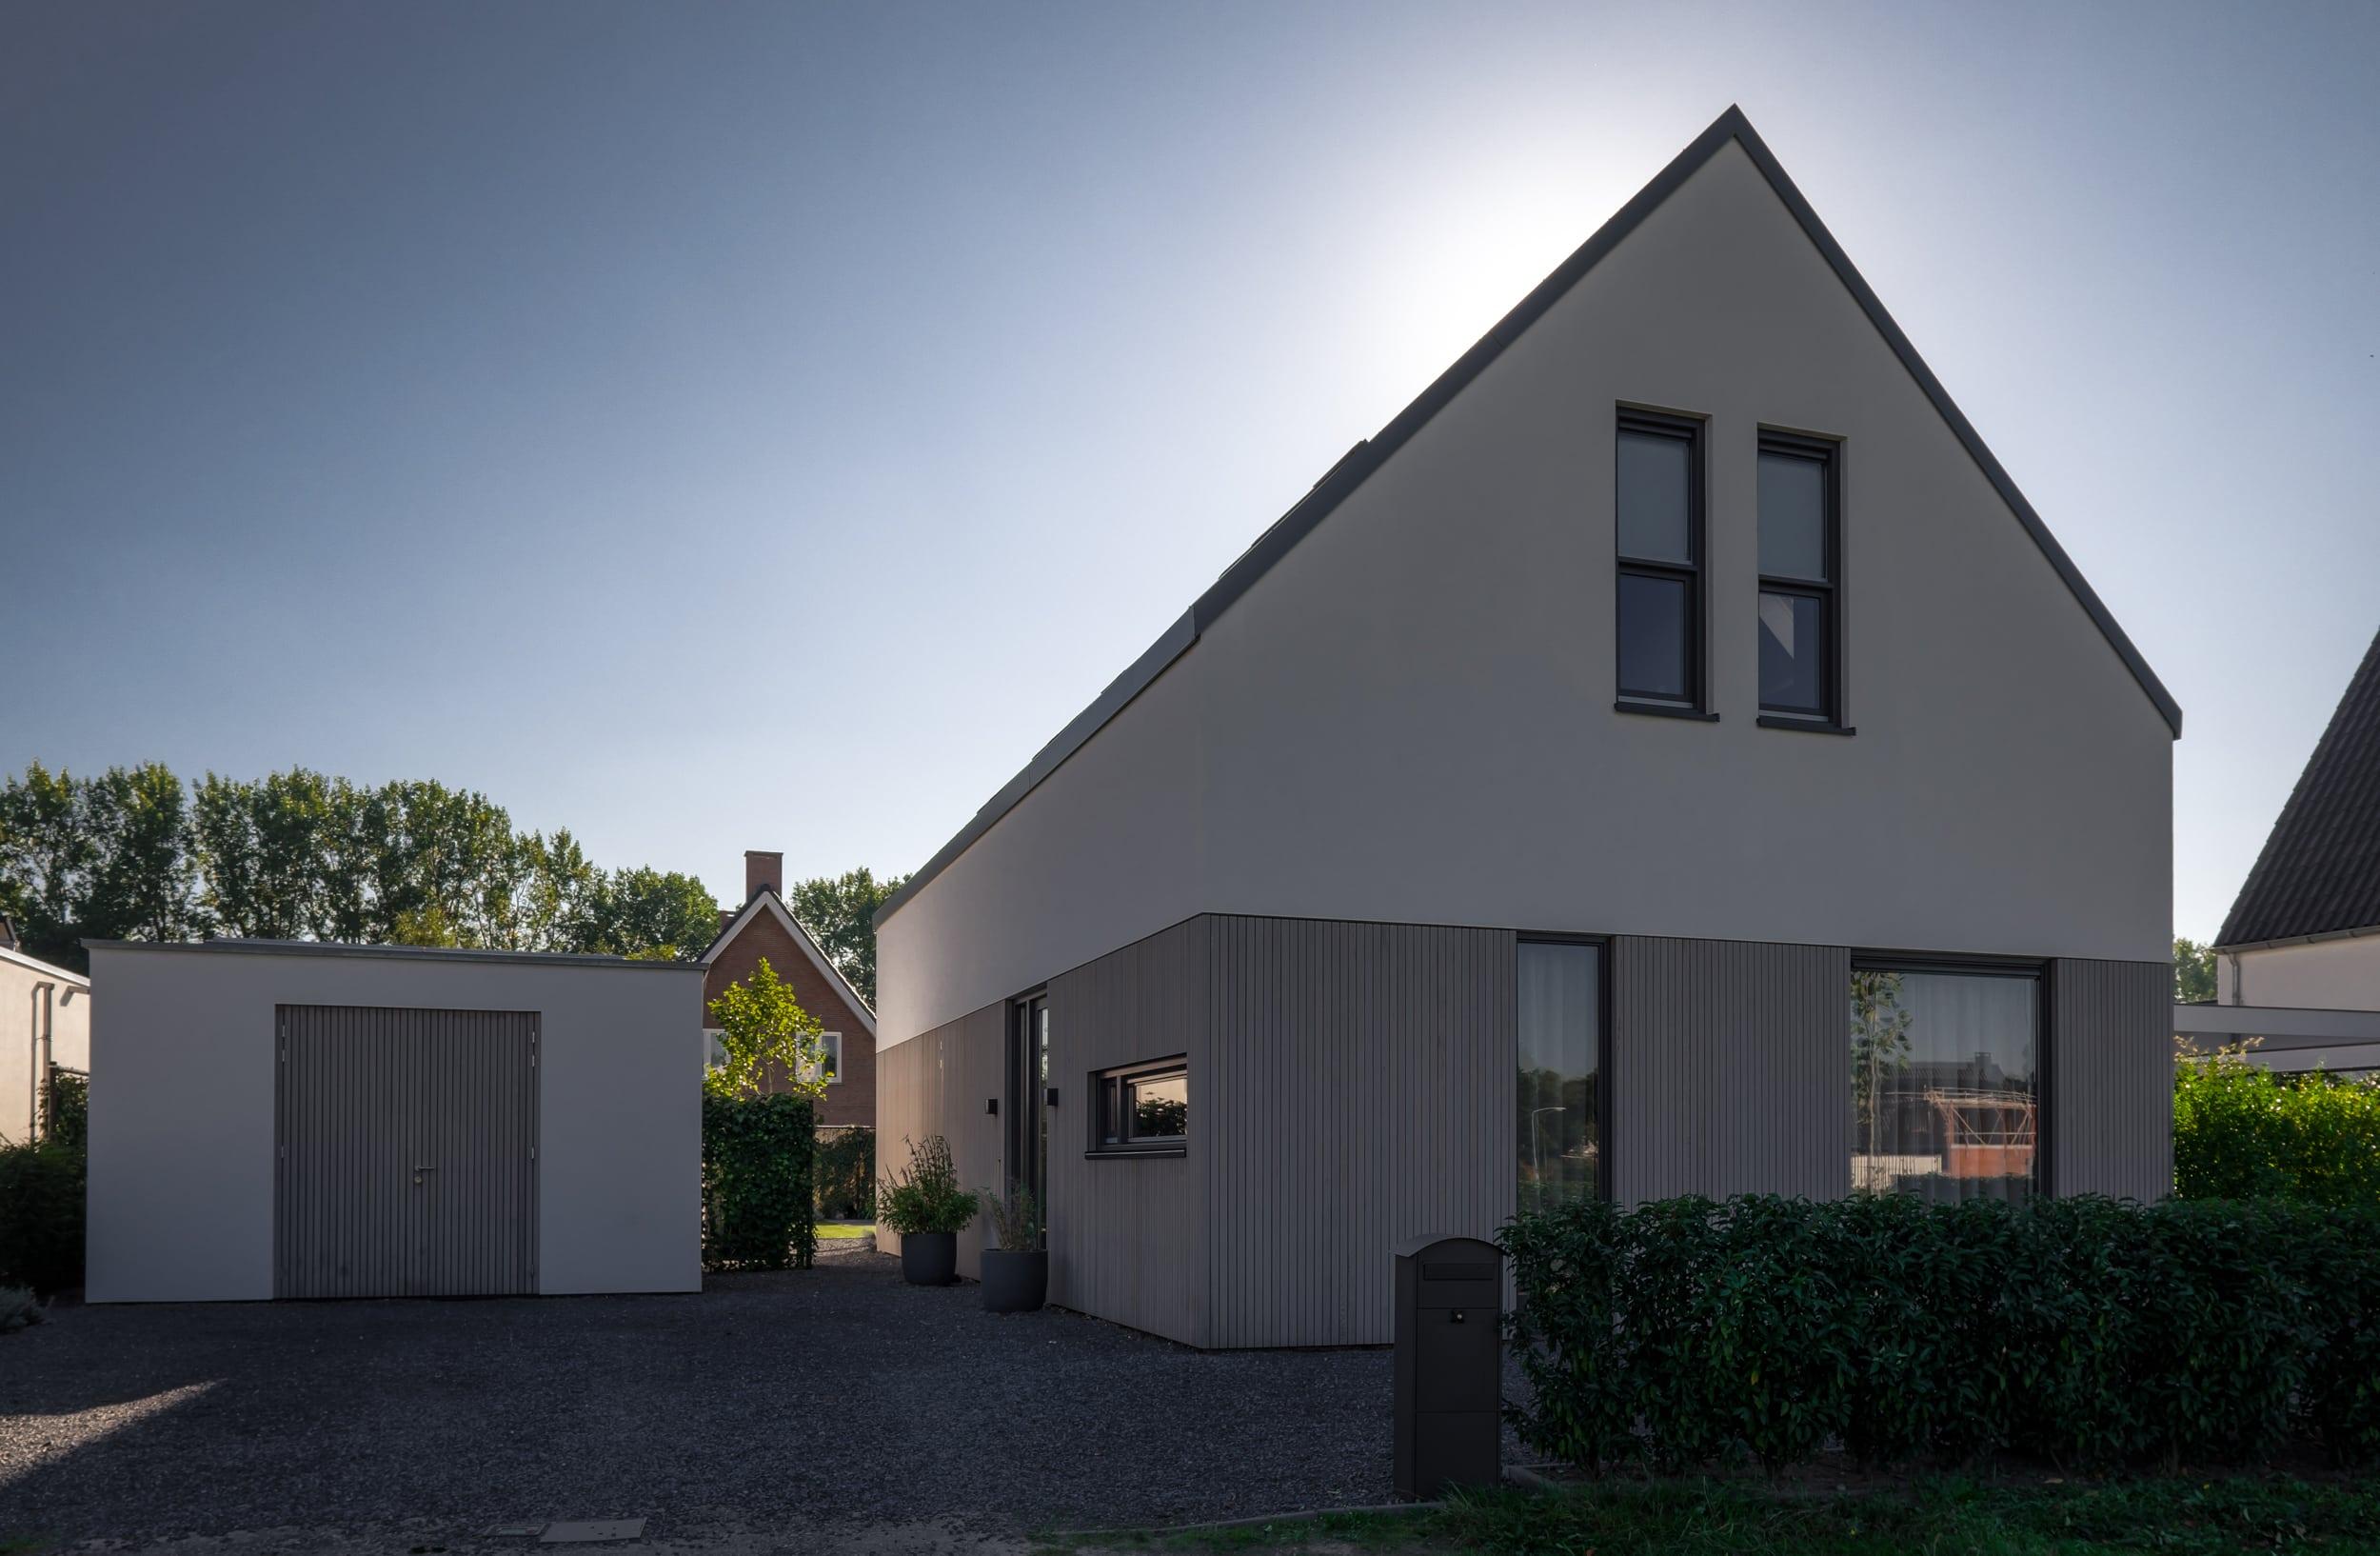 van-os-architecten-nieuwbouw-woning-Hoge-Gouw-Teteringen-voorgevel-woning-in-stucwerk-en-houten-gevelbekleding